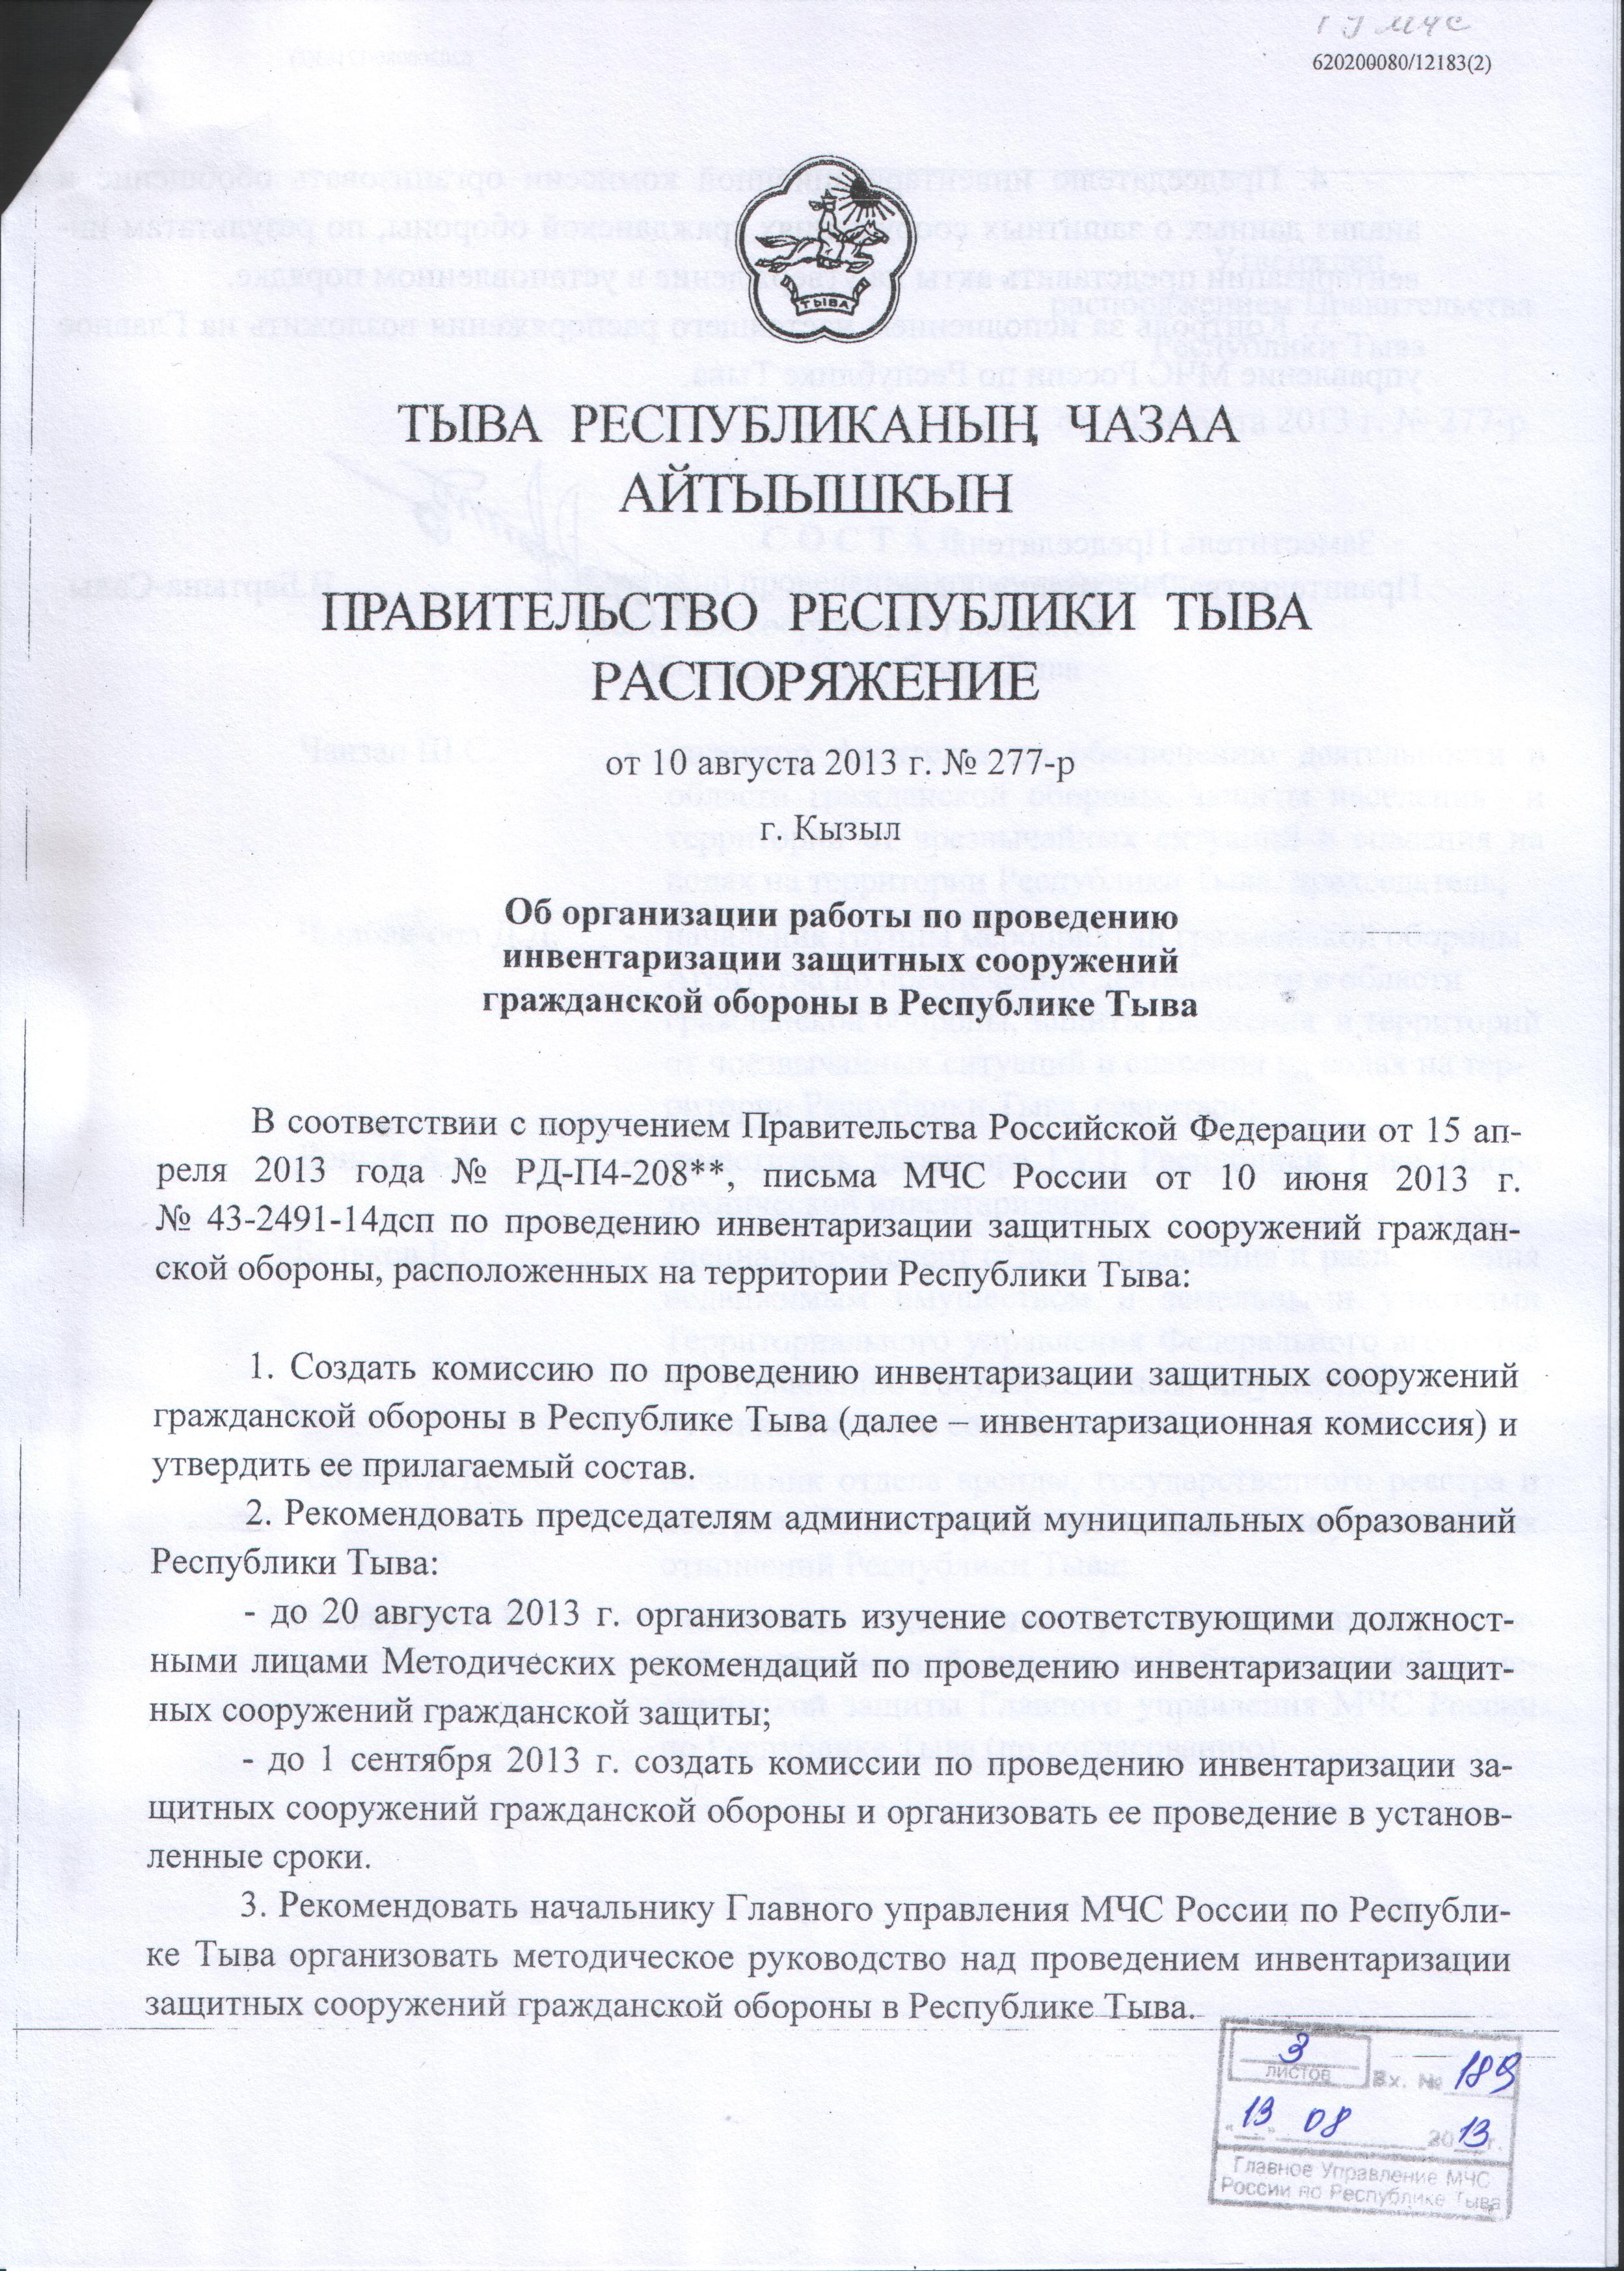 Распорядительный документ